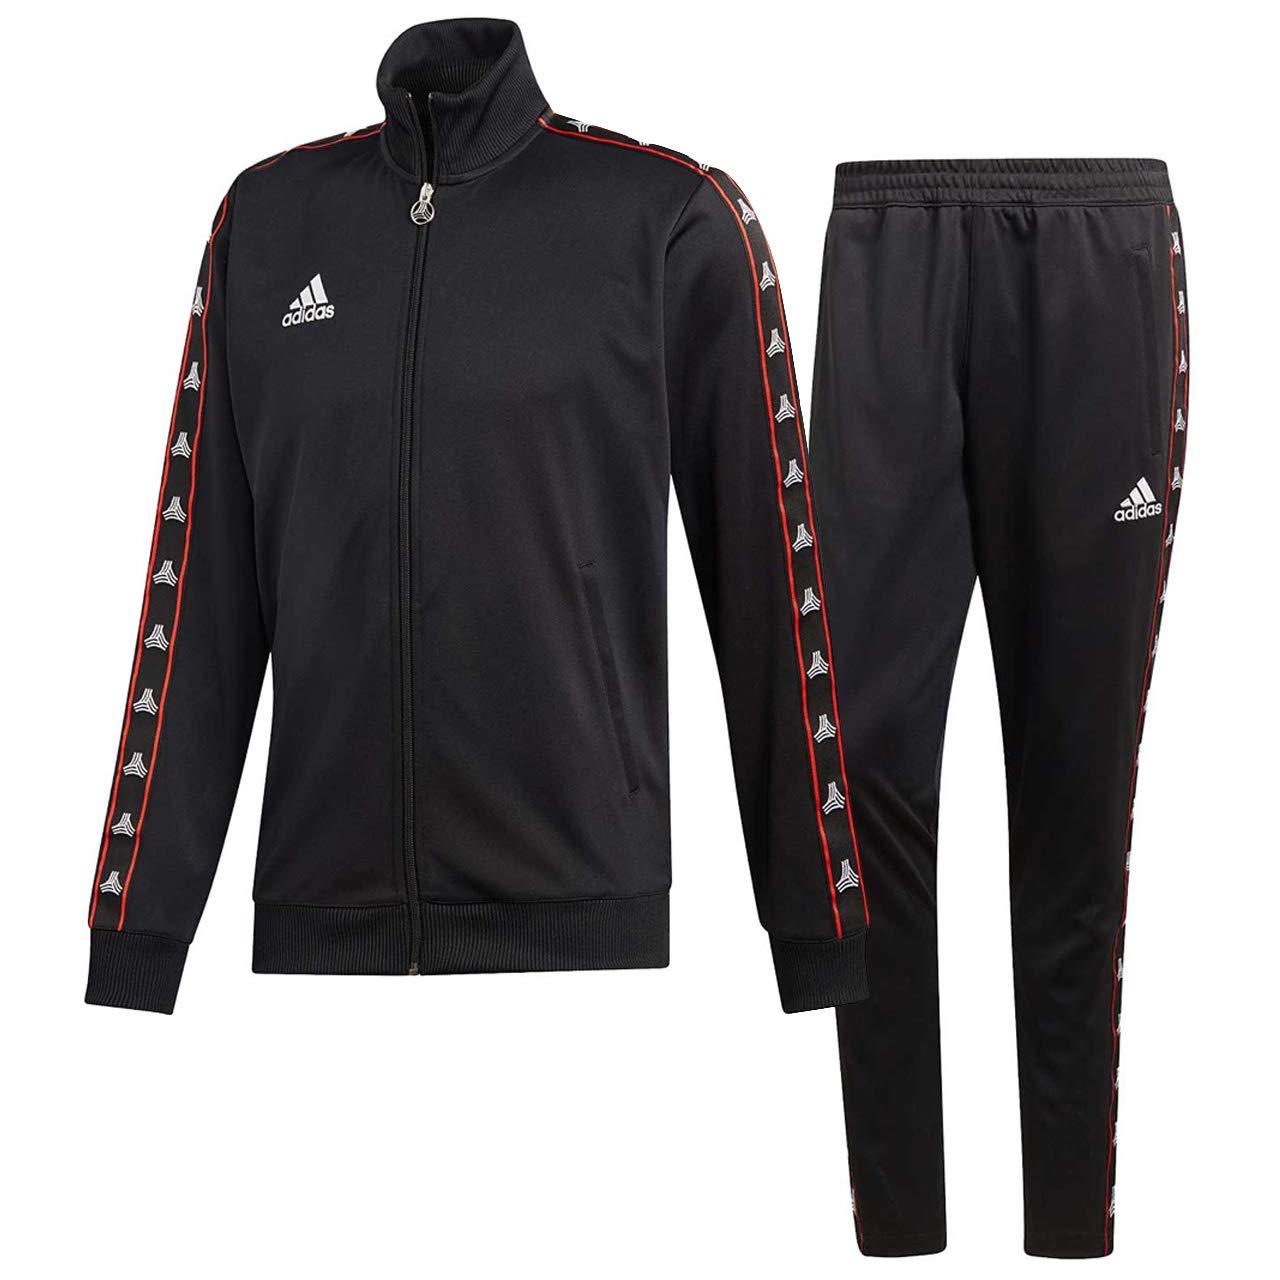 アディダス(adidas) TANGO STREET クラブハイブリッドジャケット J/M J/M&パンツ 上下セット(ブラック 日本/ブラック) FVX75-DW9360-FVX76-DW9362 B07NDVSKFC 日本 J/M (日本サイズM相当)|ブラック/ブラック ブラック/ブラック 日本 J/M (日本サイズM相当), 福地村:42ed1337 --- dqfansurvey.online